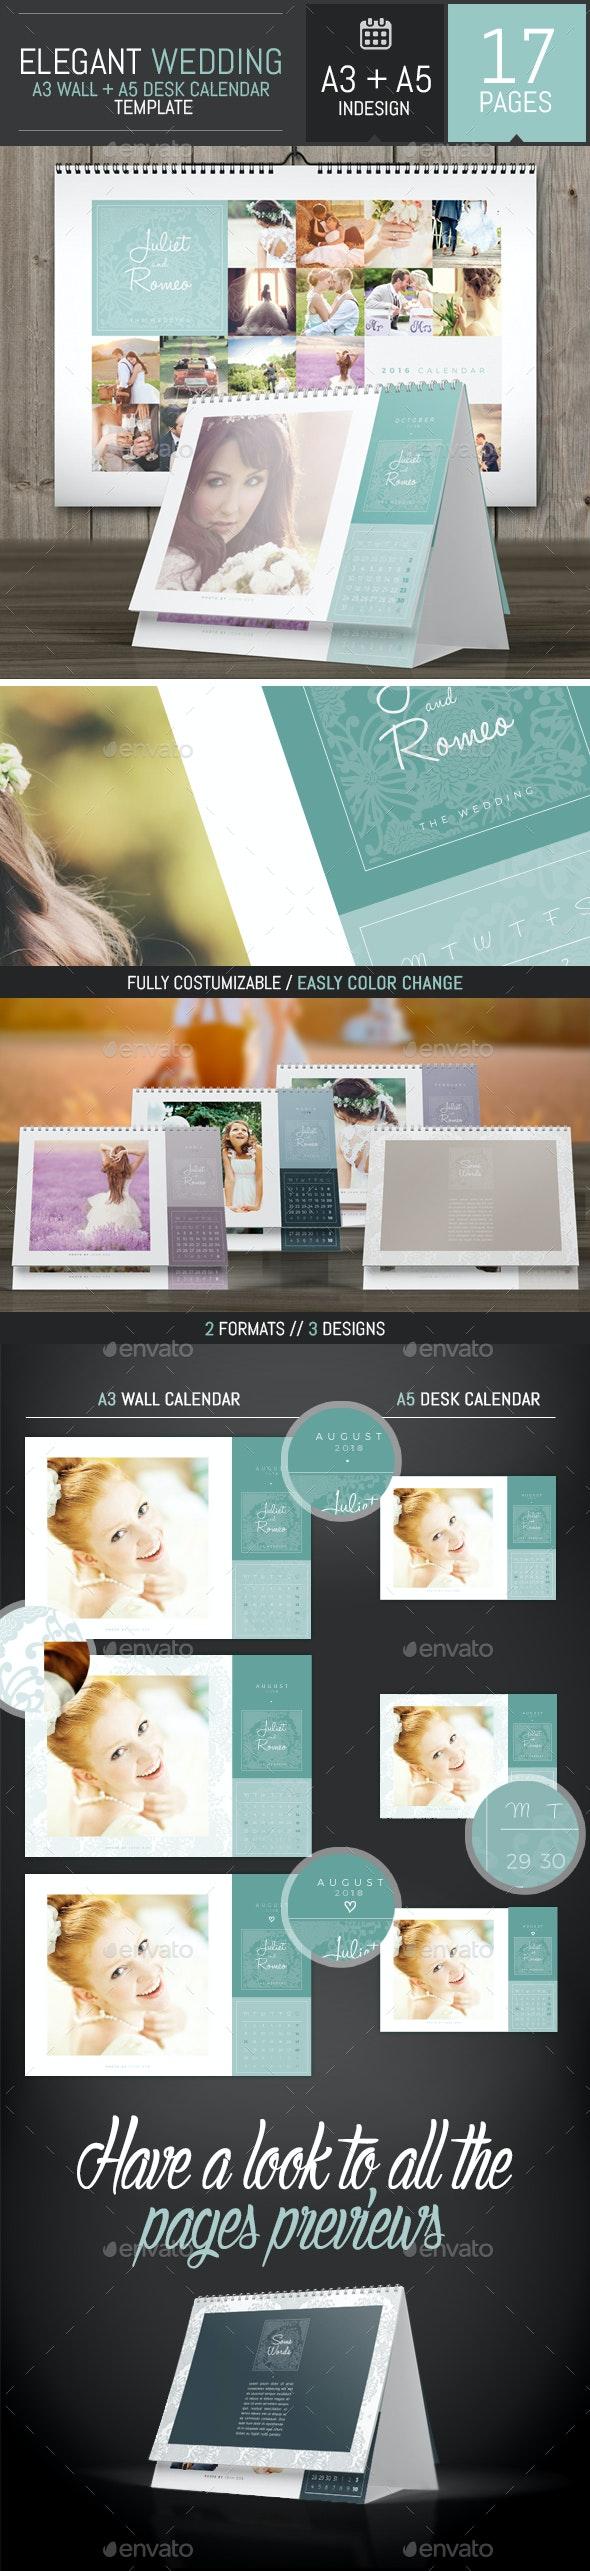 Wedding A3 Wall + A5 Desk 2018 Calendar Template - Calendars Stationery